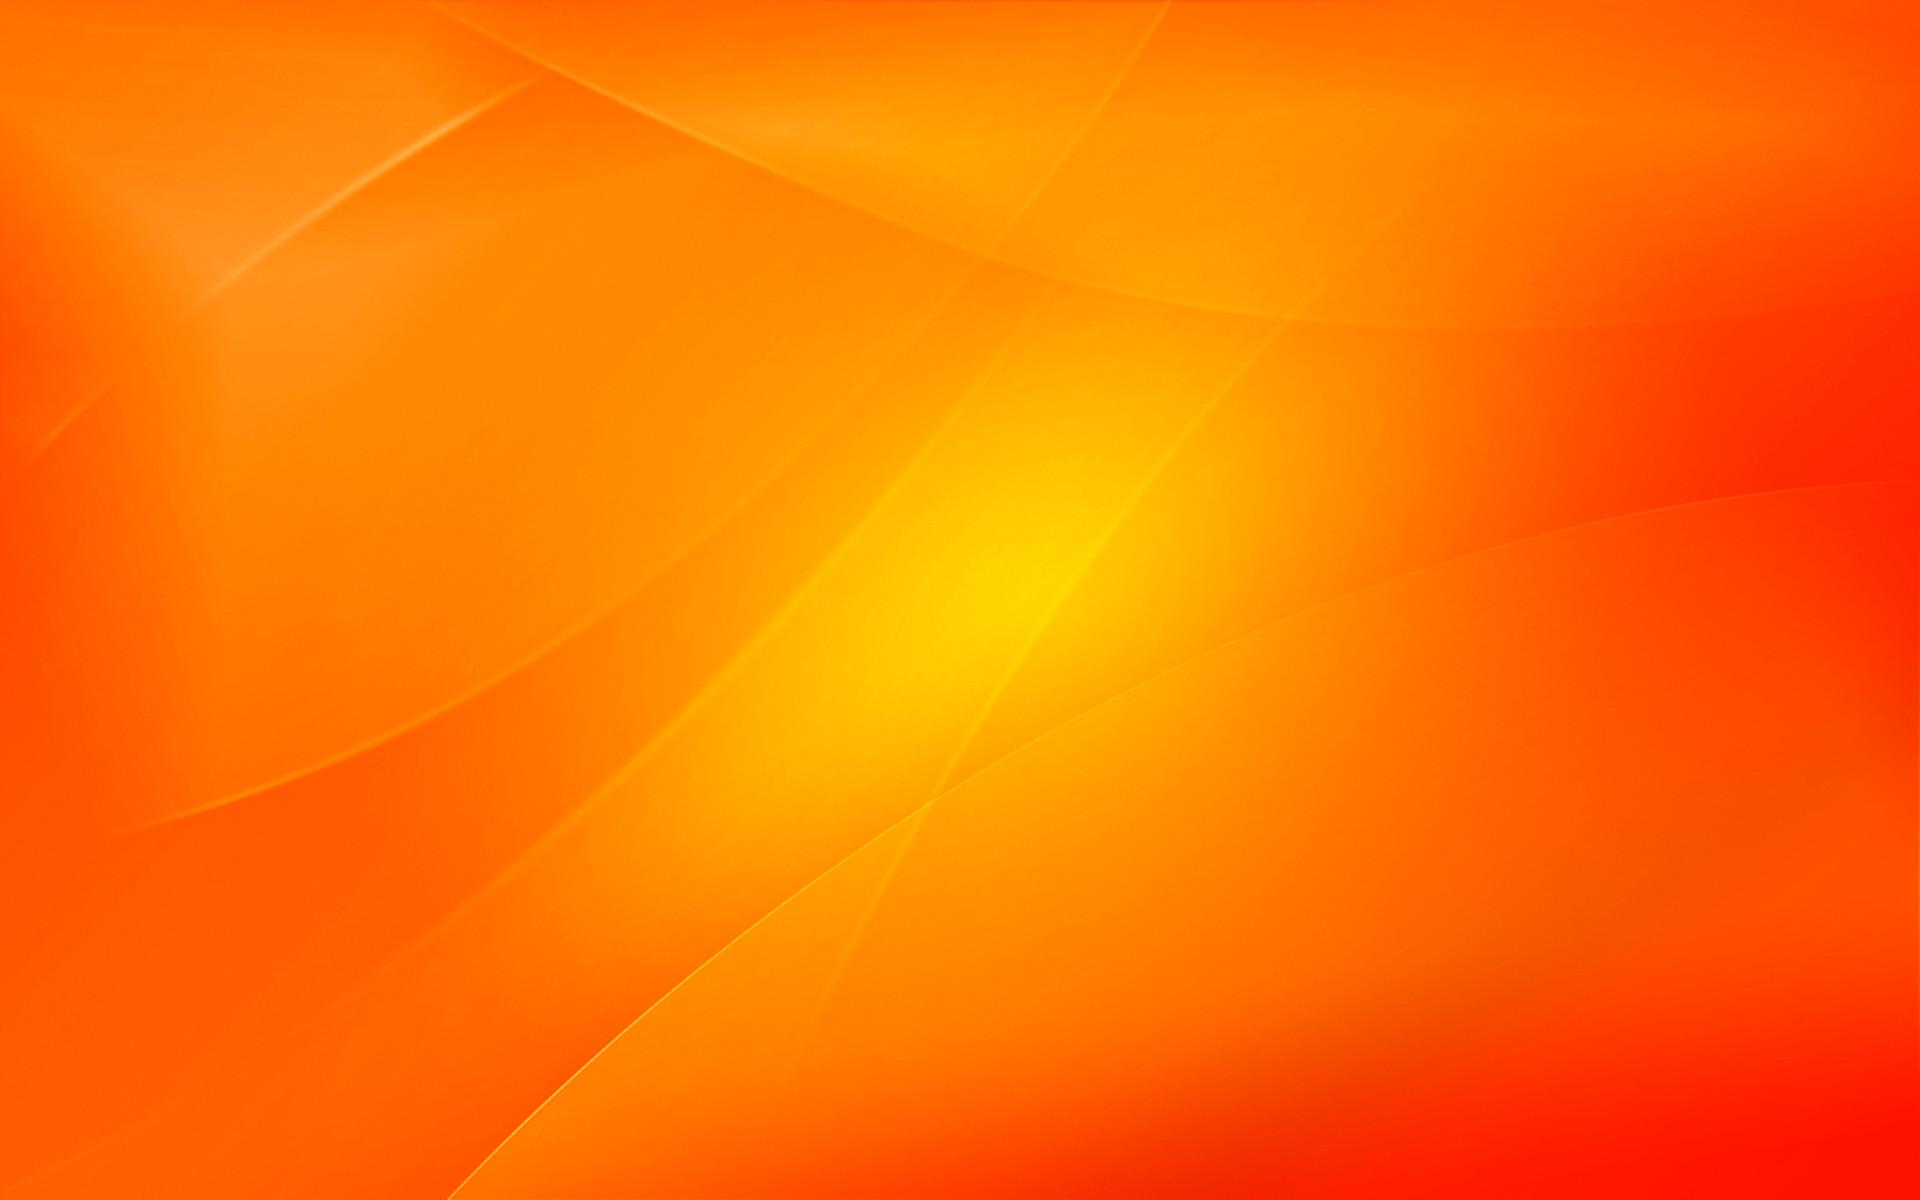 bright orange wallpaper 53 images